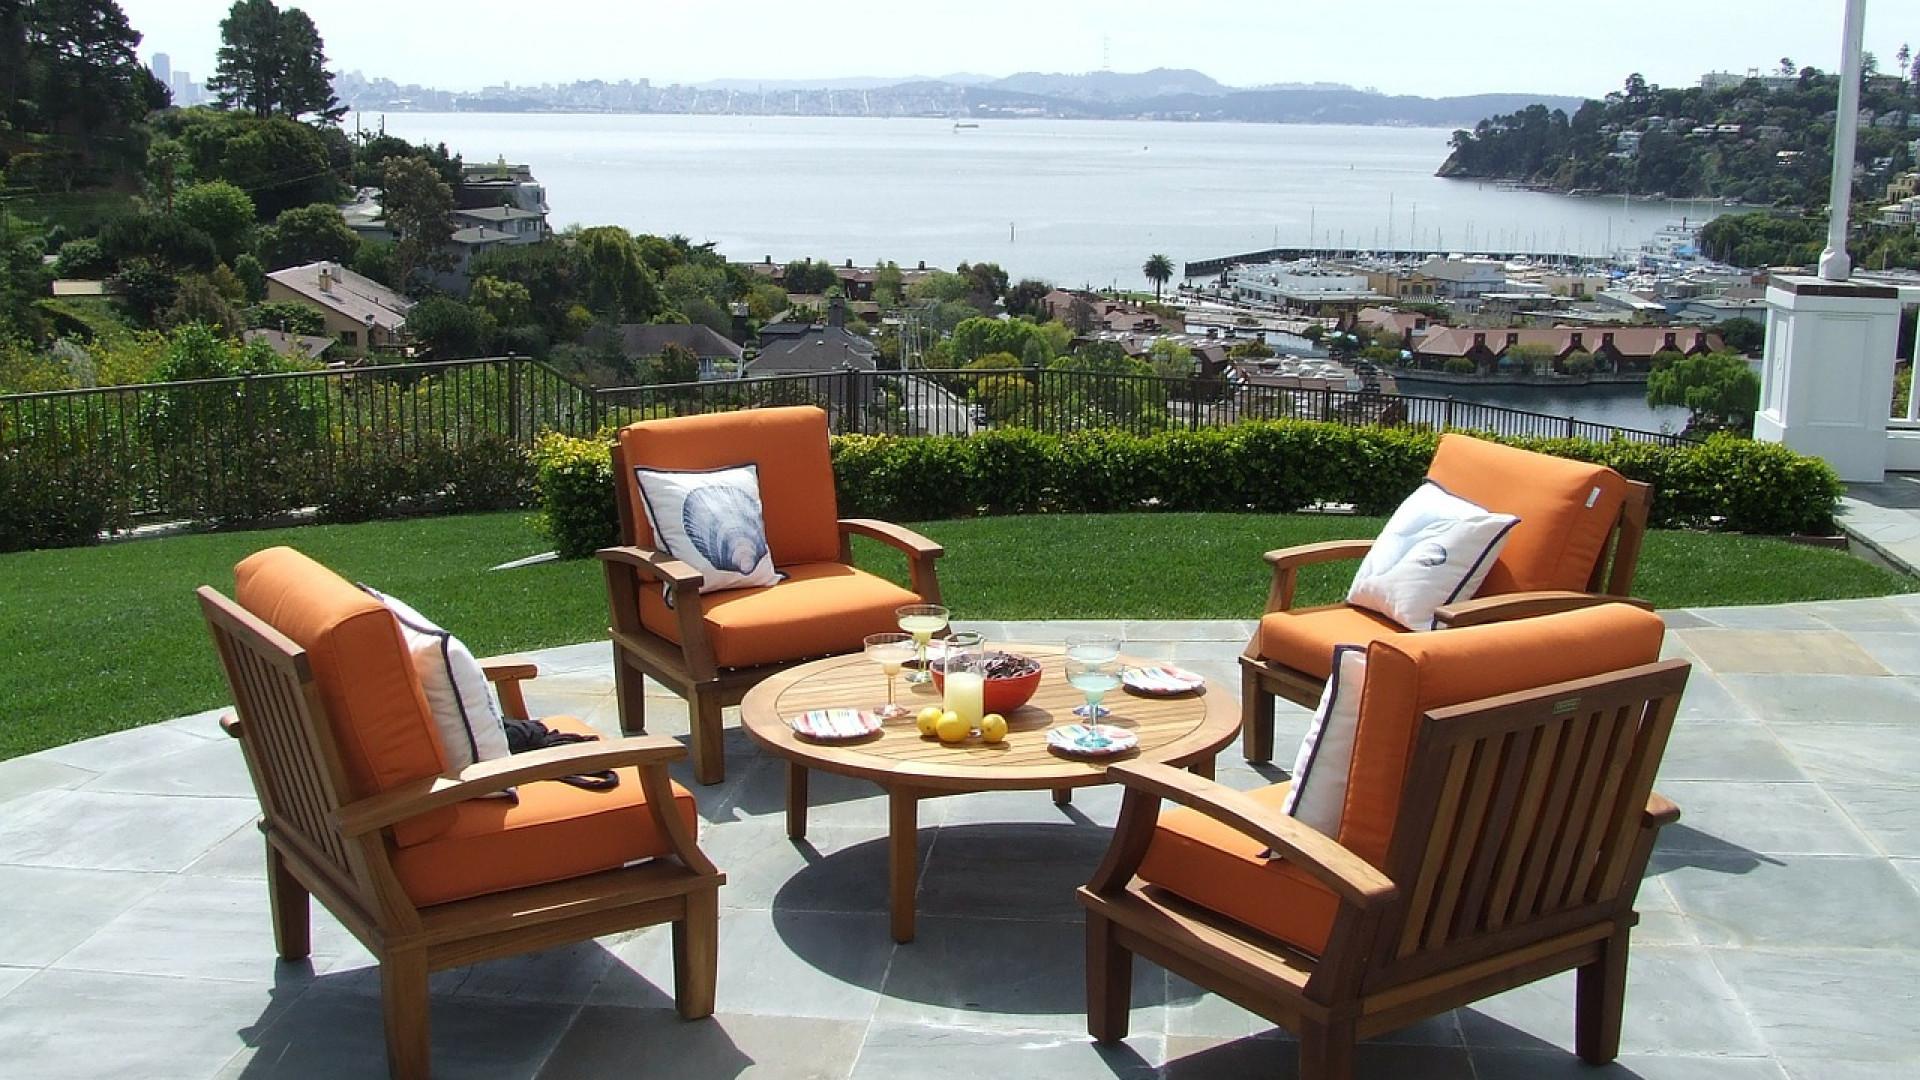 Comment Placer Des Dalles De Jardin pourquoi choisir d'installer dalle terrasse sur plot ?